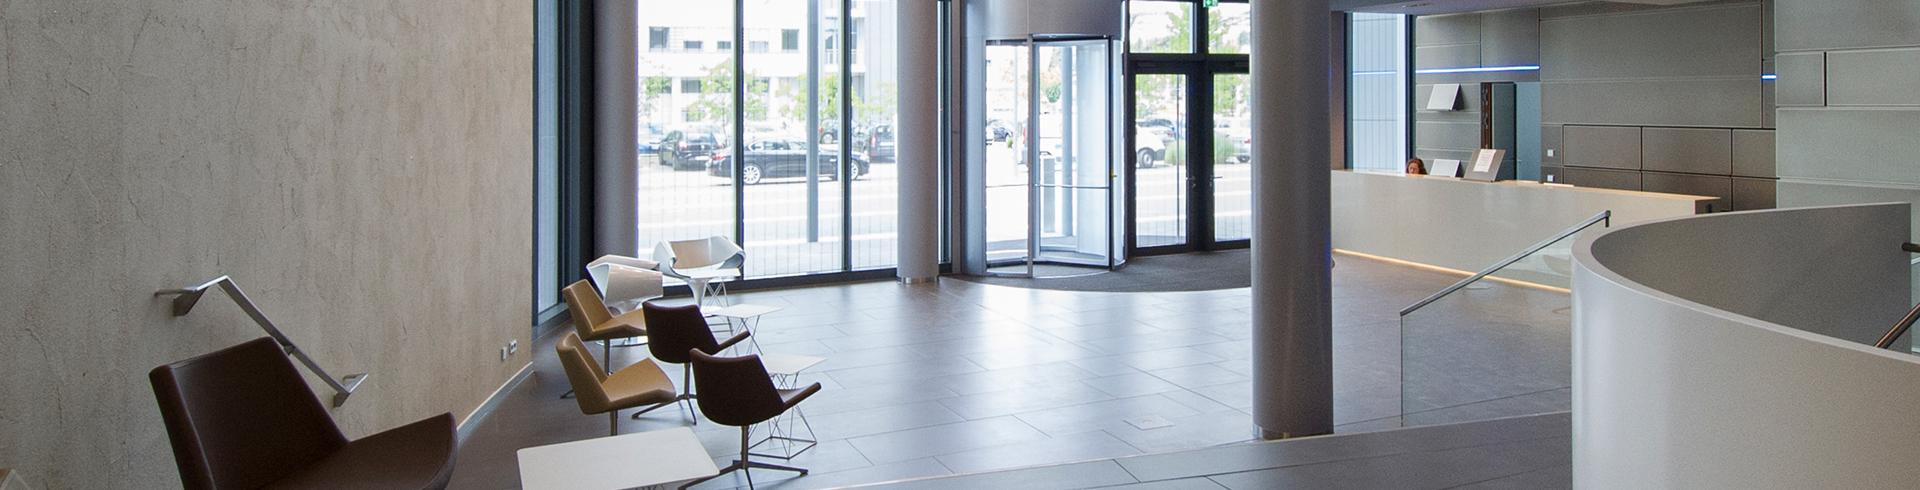 Zukunftspark Wohlgelegen Foyerbereich Kontakt